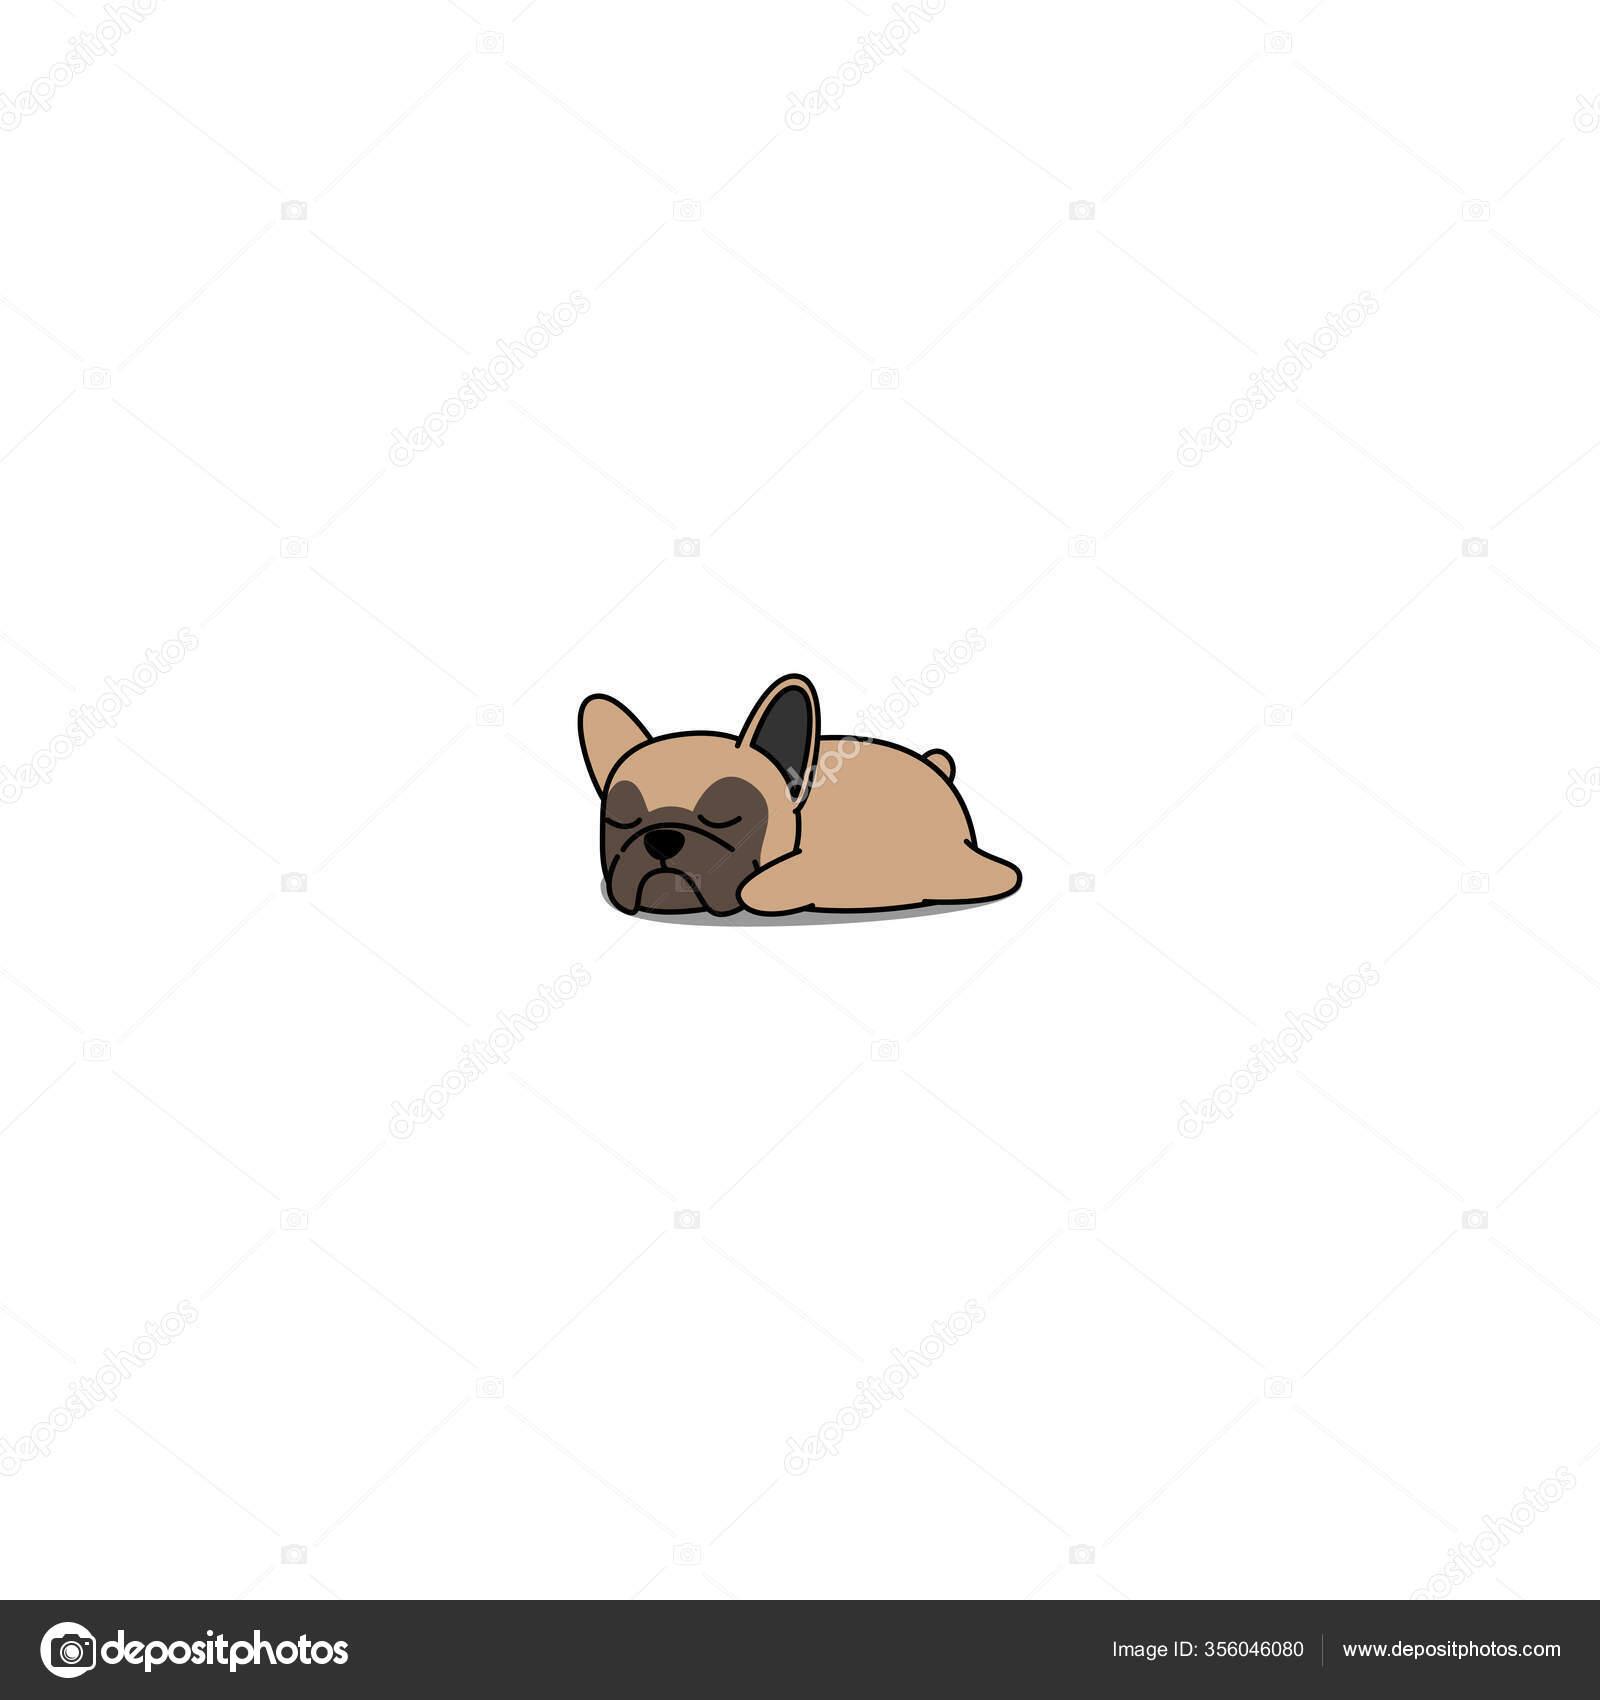 Lindo Bulldog Frances Cachorro Dormir Dibujos Animados Vector Ilustracion Vector De Stock C Totostark 356046080